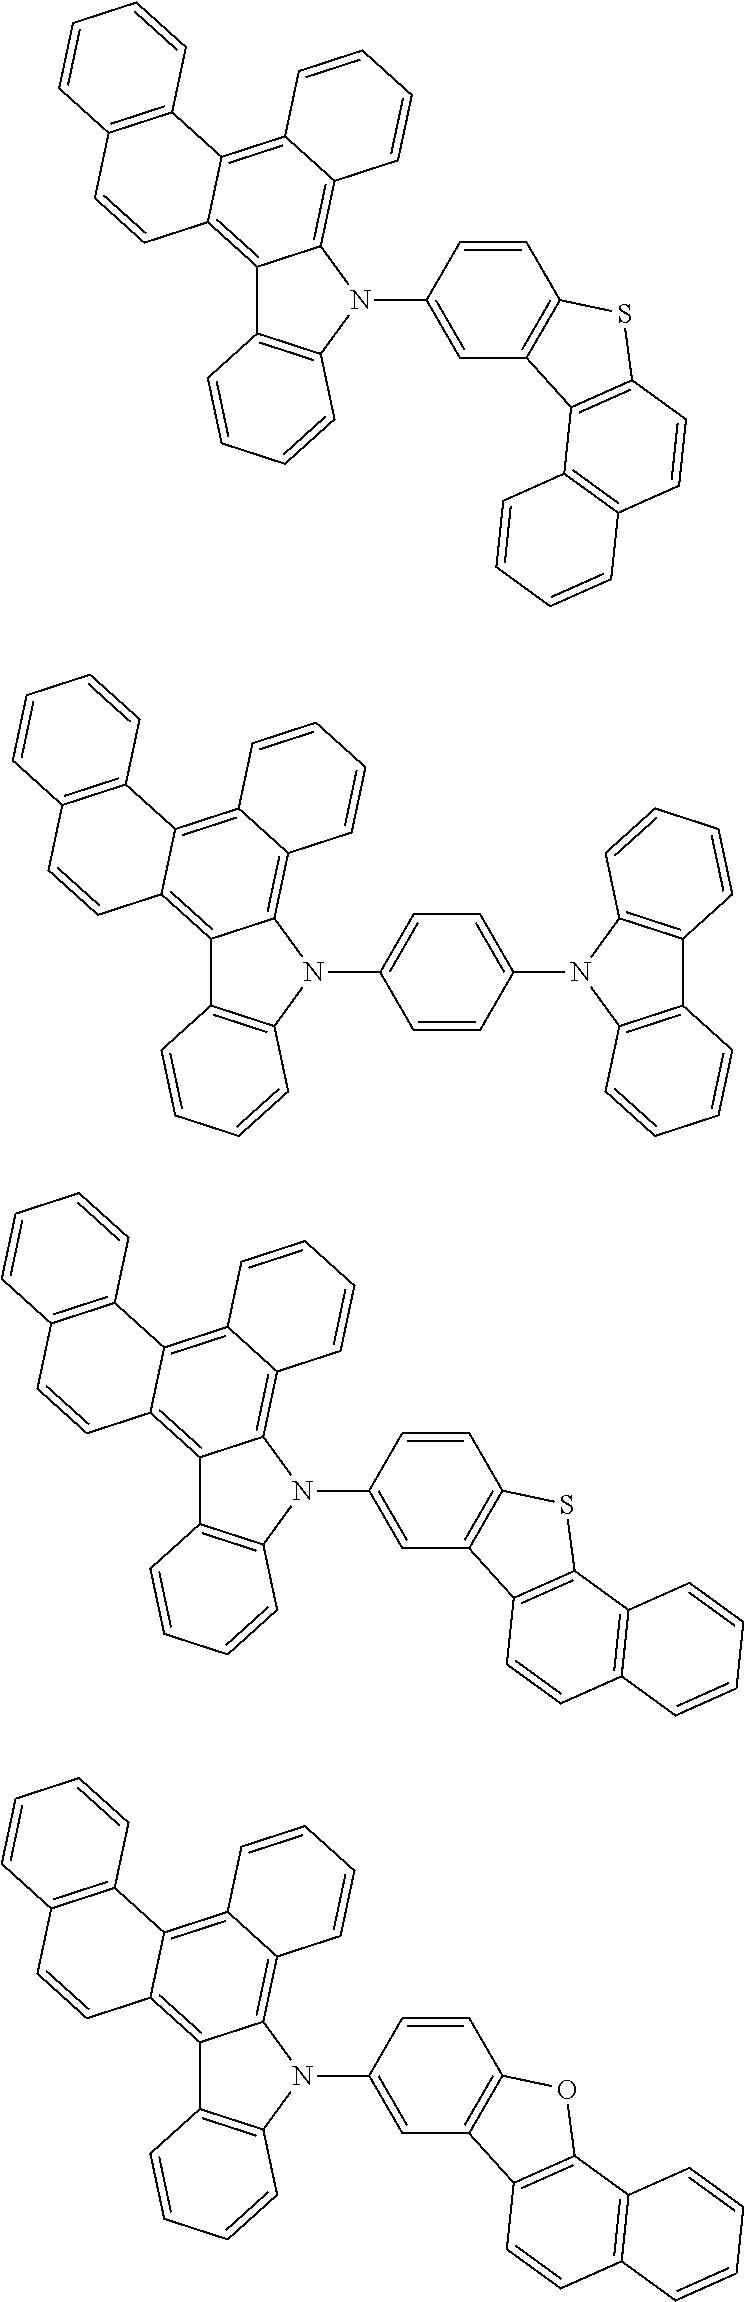 Figure US09837615-20171205-C00050